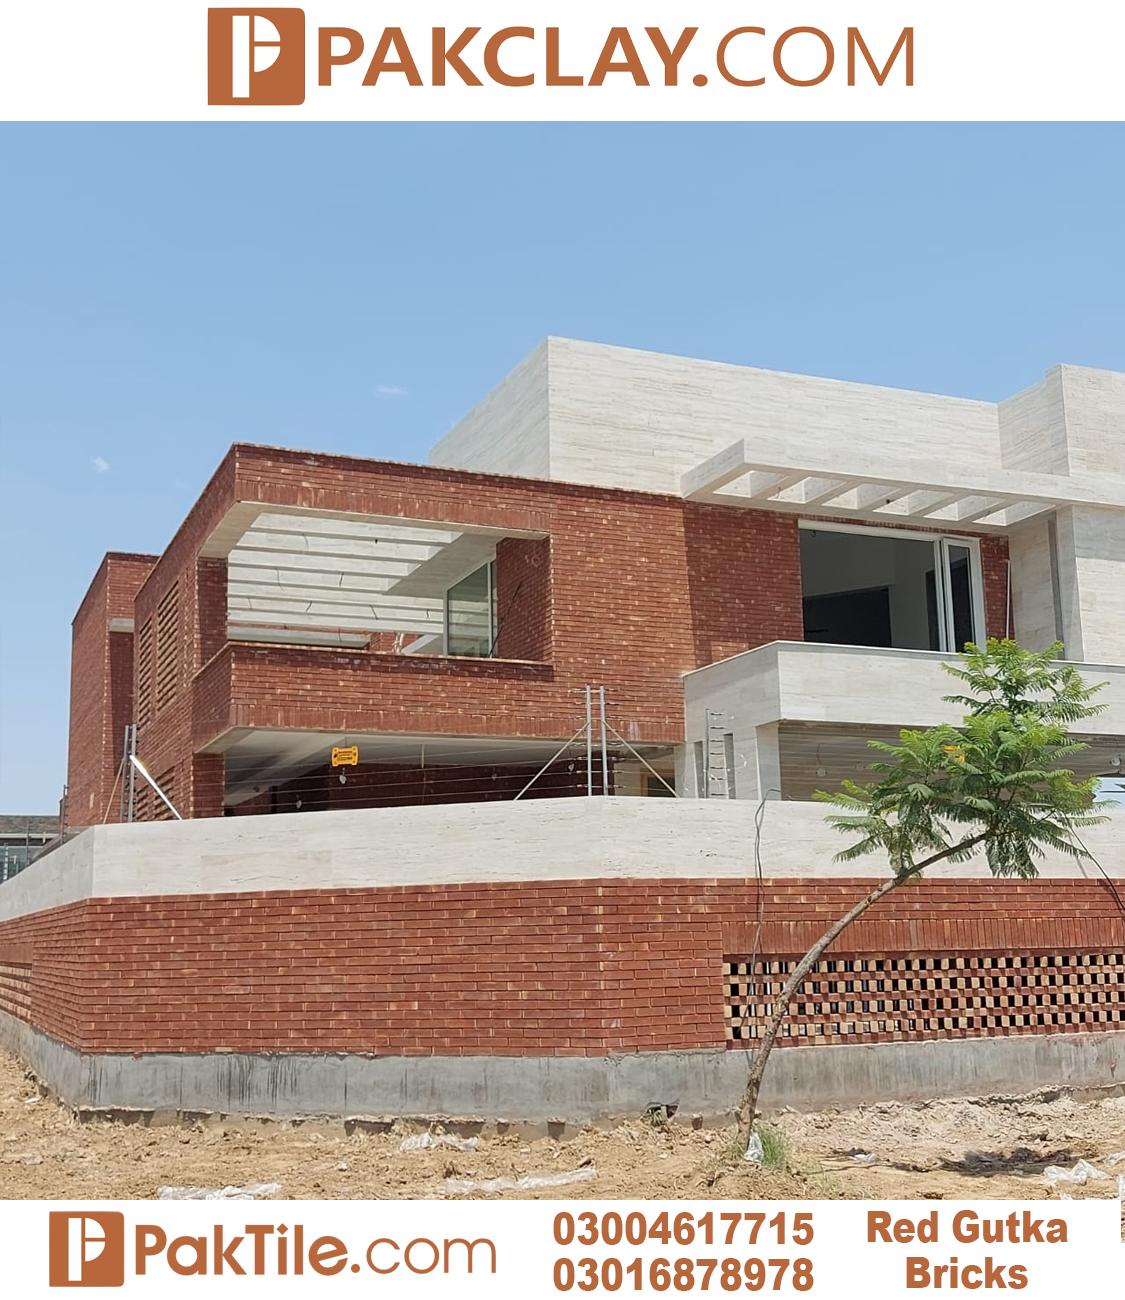 07 Brick wall price in pakistan